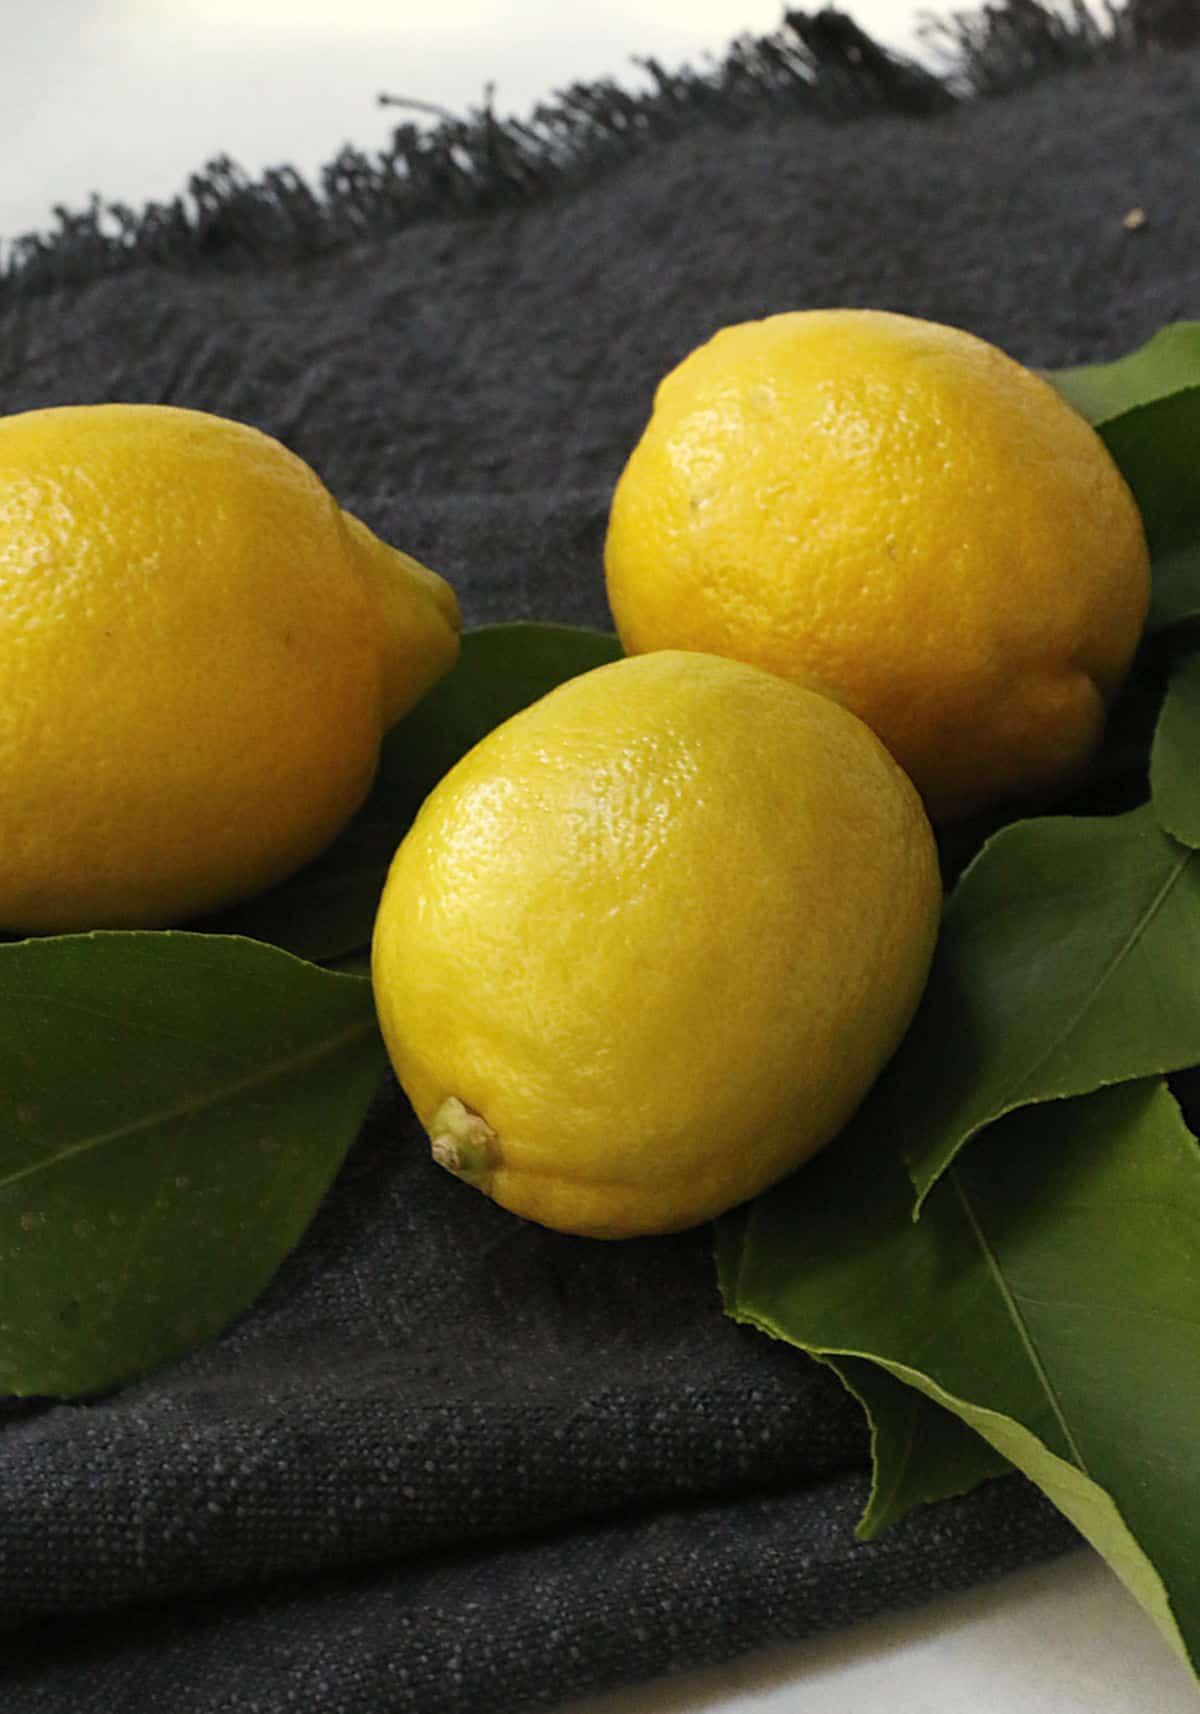 three just picked lemons